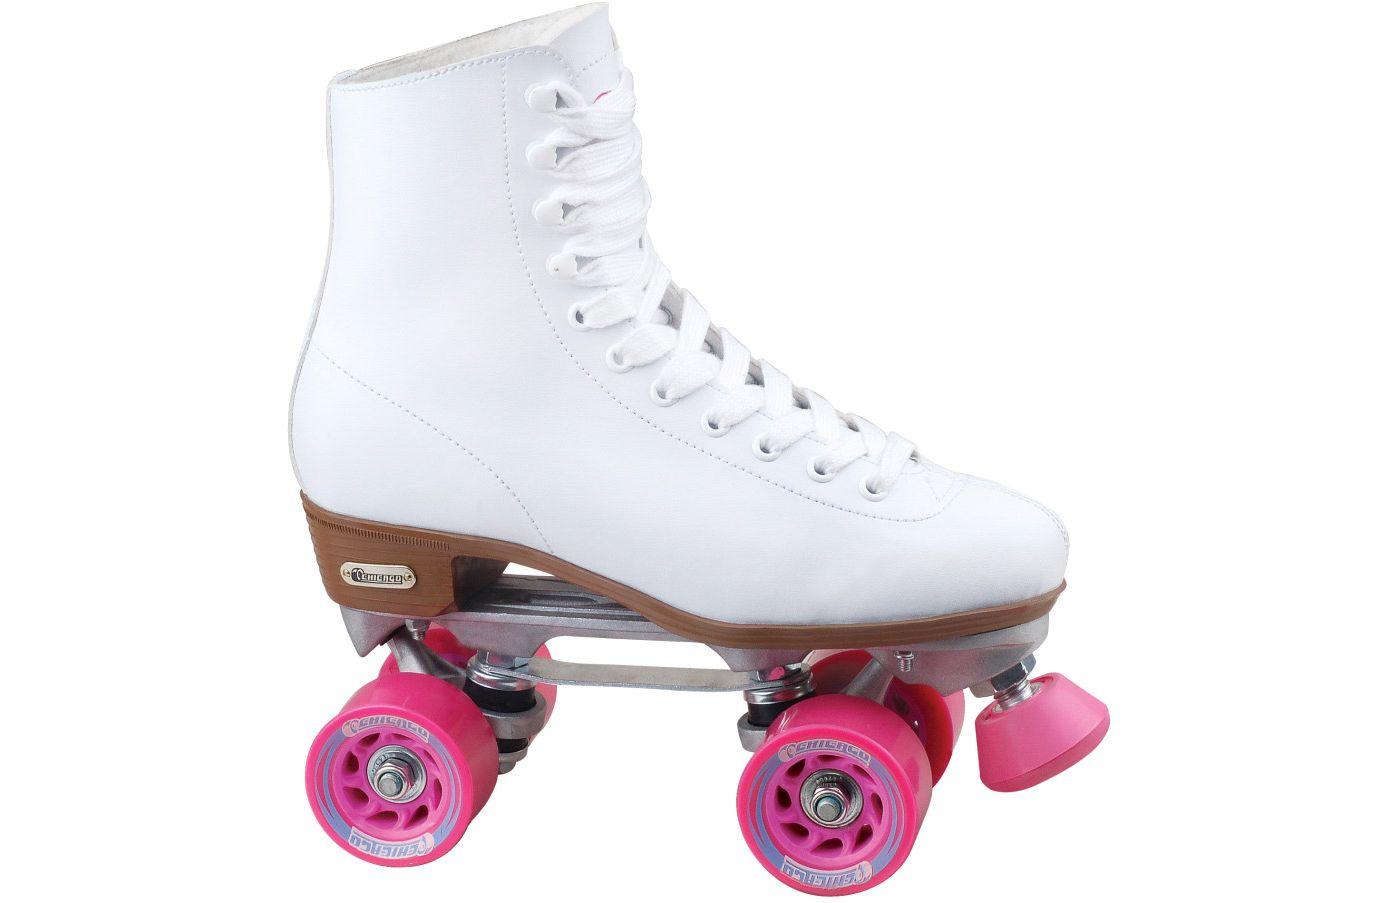 Chicago Women's Rink Roller Skates